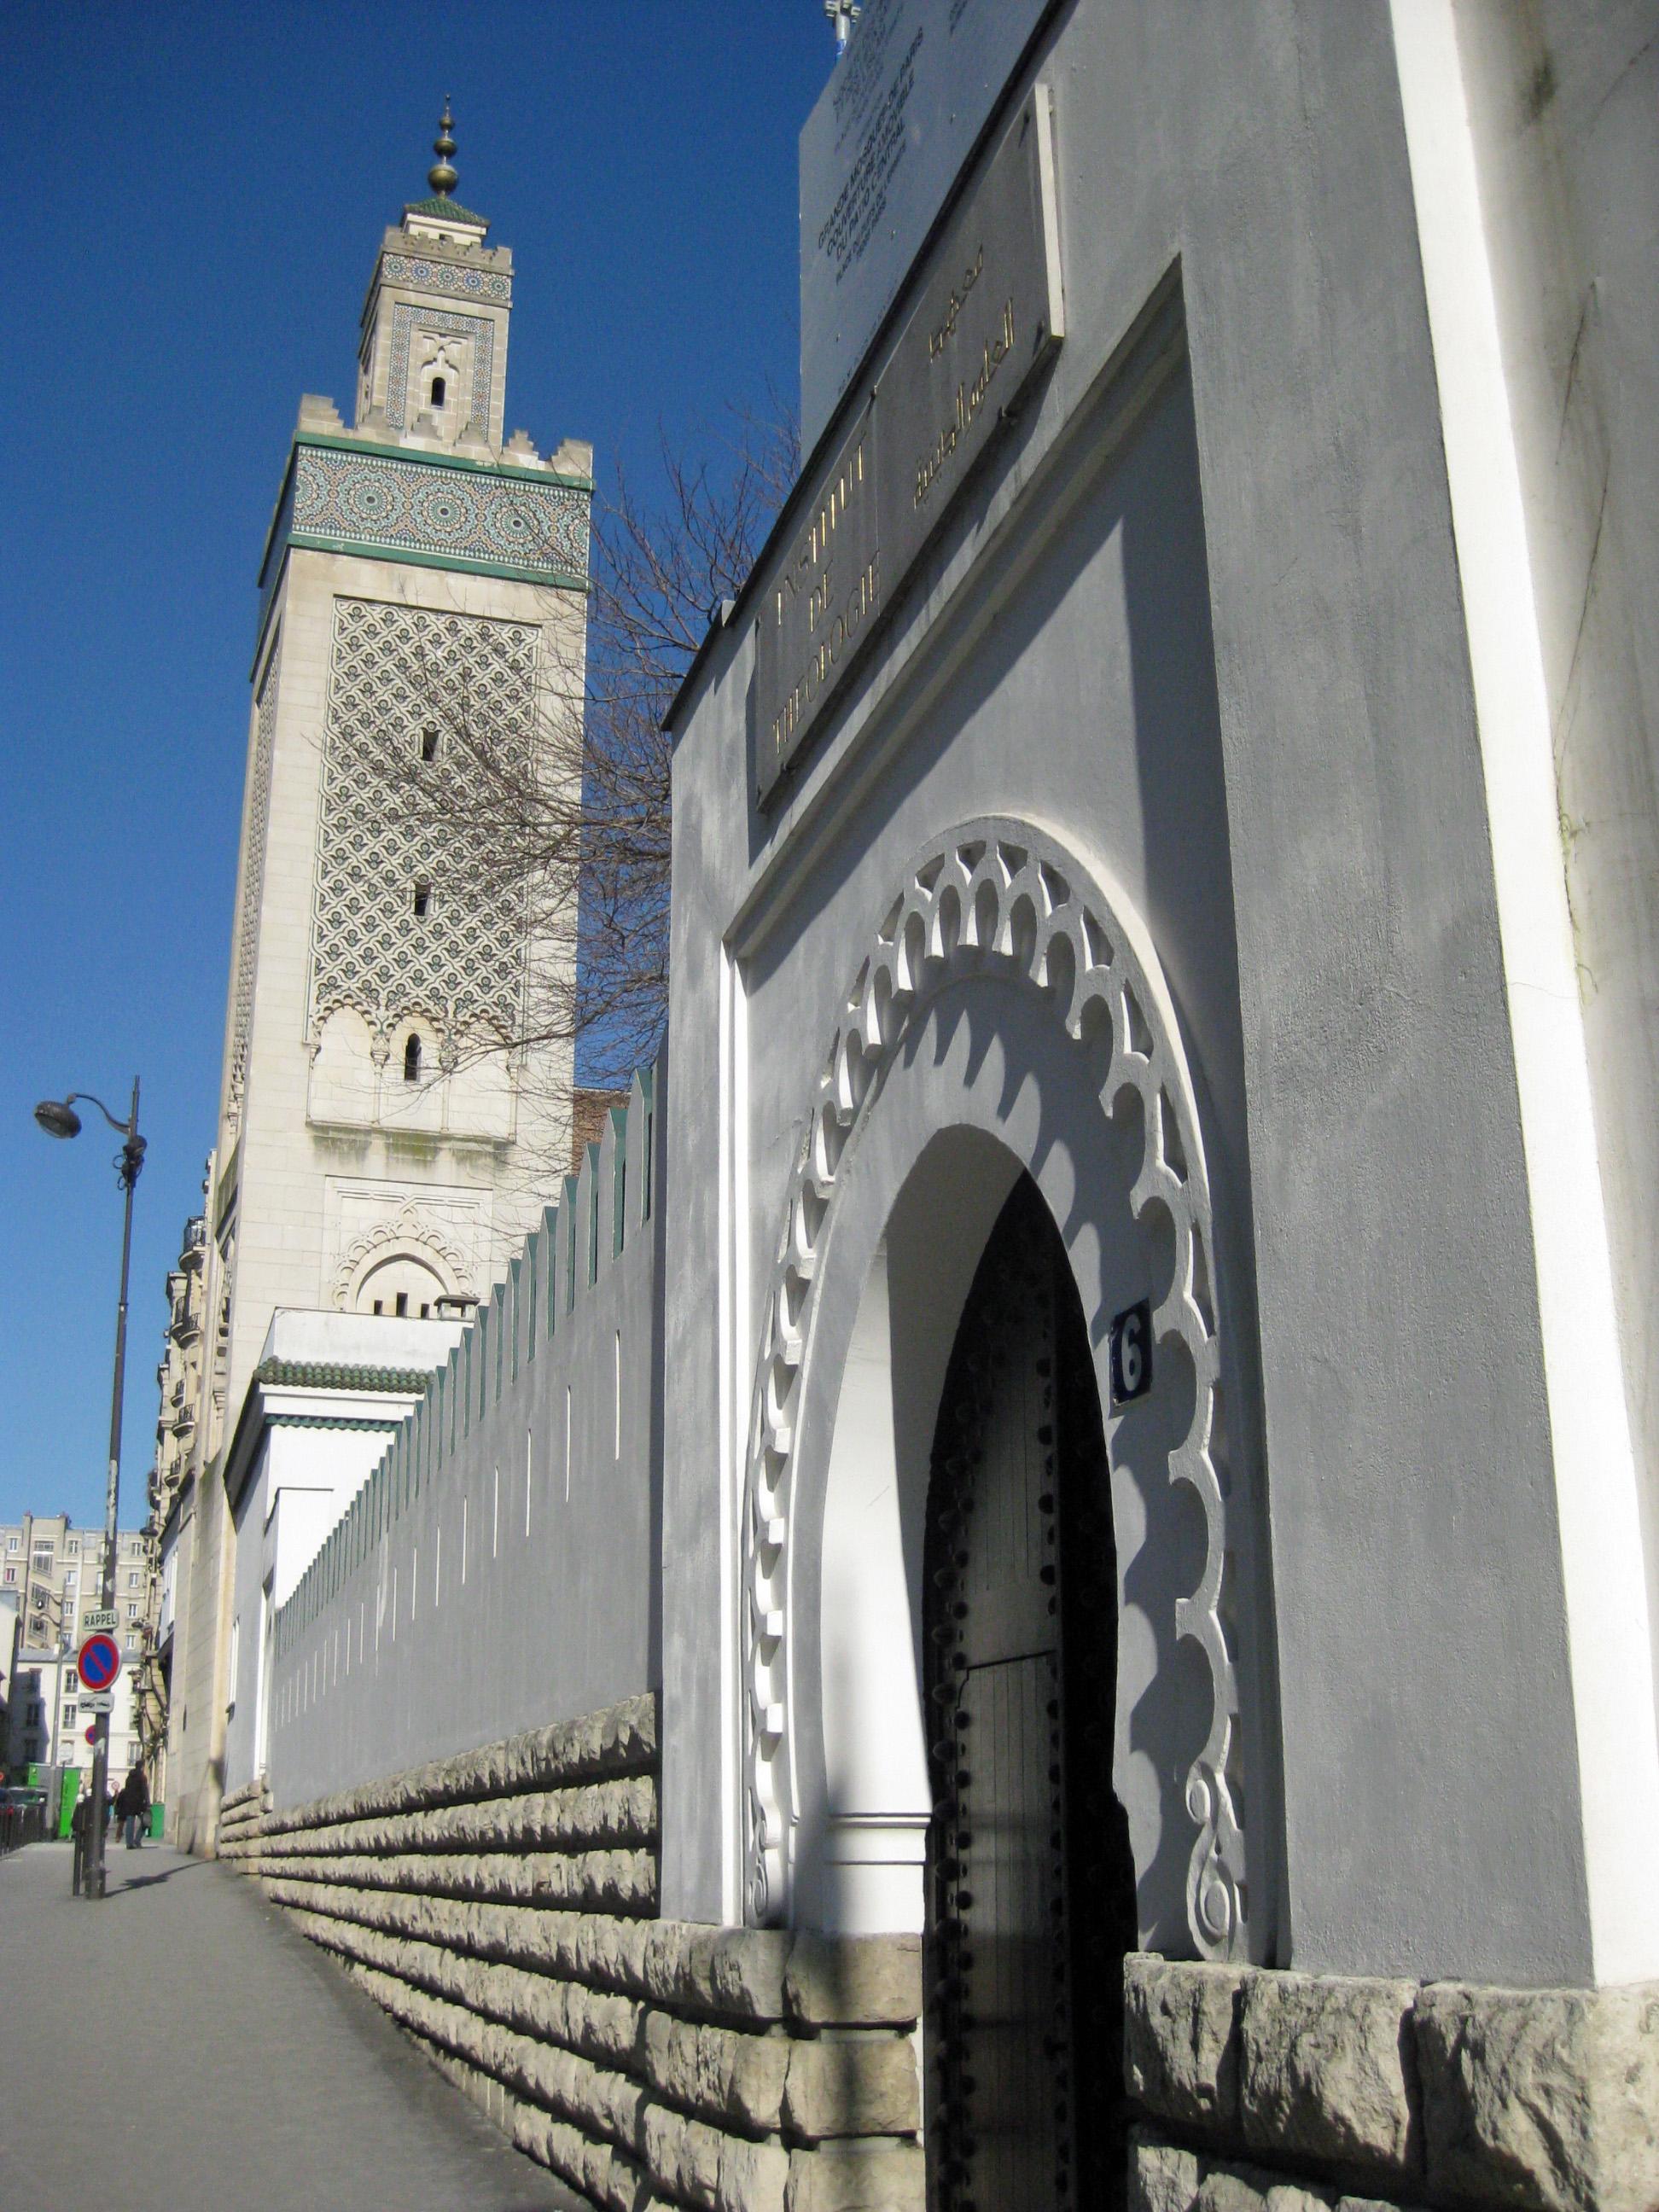 Mosquee de Paris_by Marie Sophie Bock Digne (https://www.flickr.com/photos/planetevivante/)